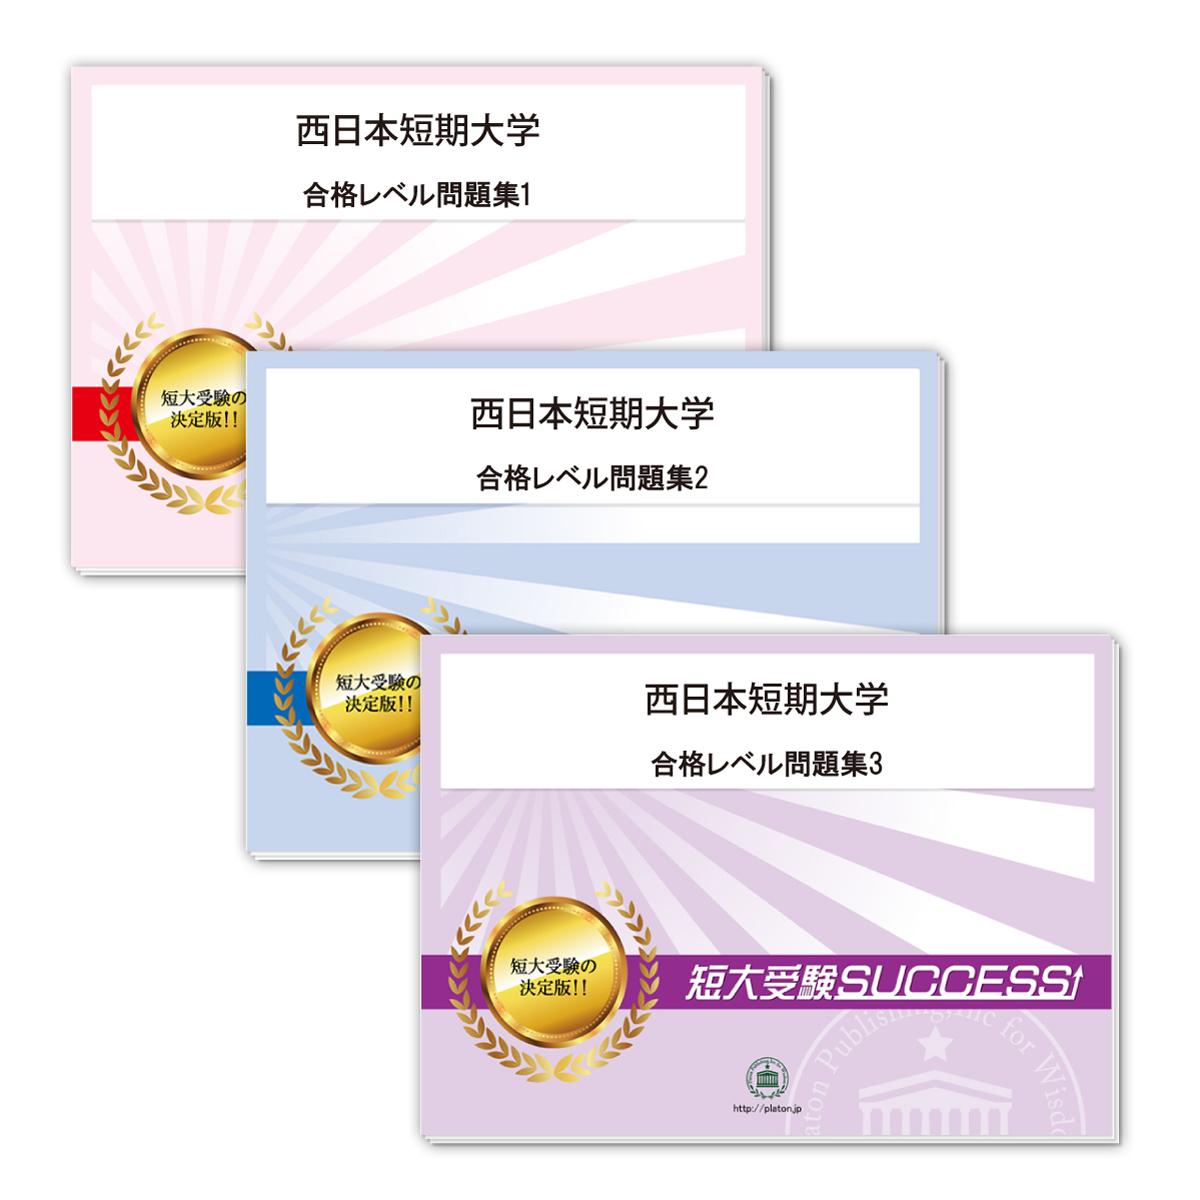 【送料・代引手数料無料】西日本短期大学受験合格セット(3冊)